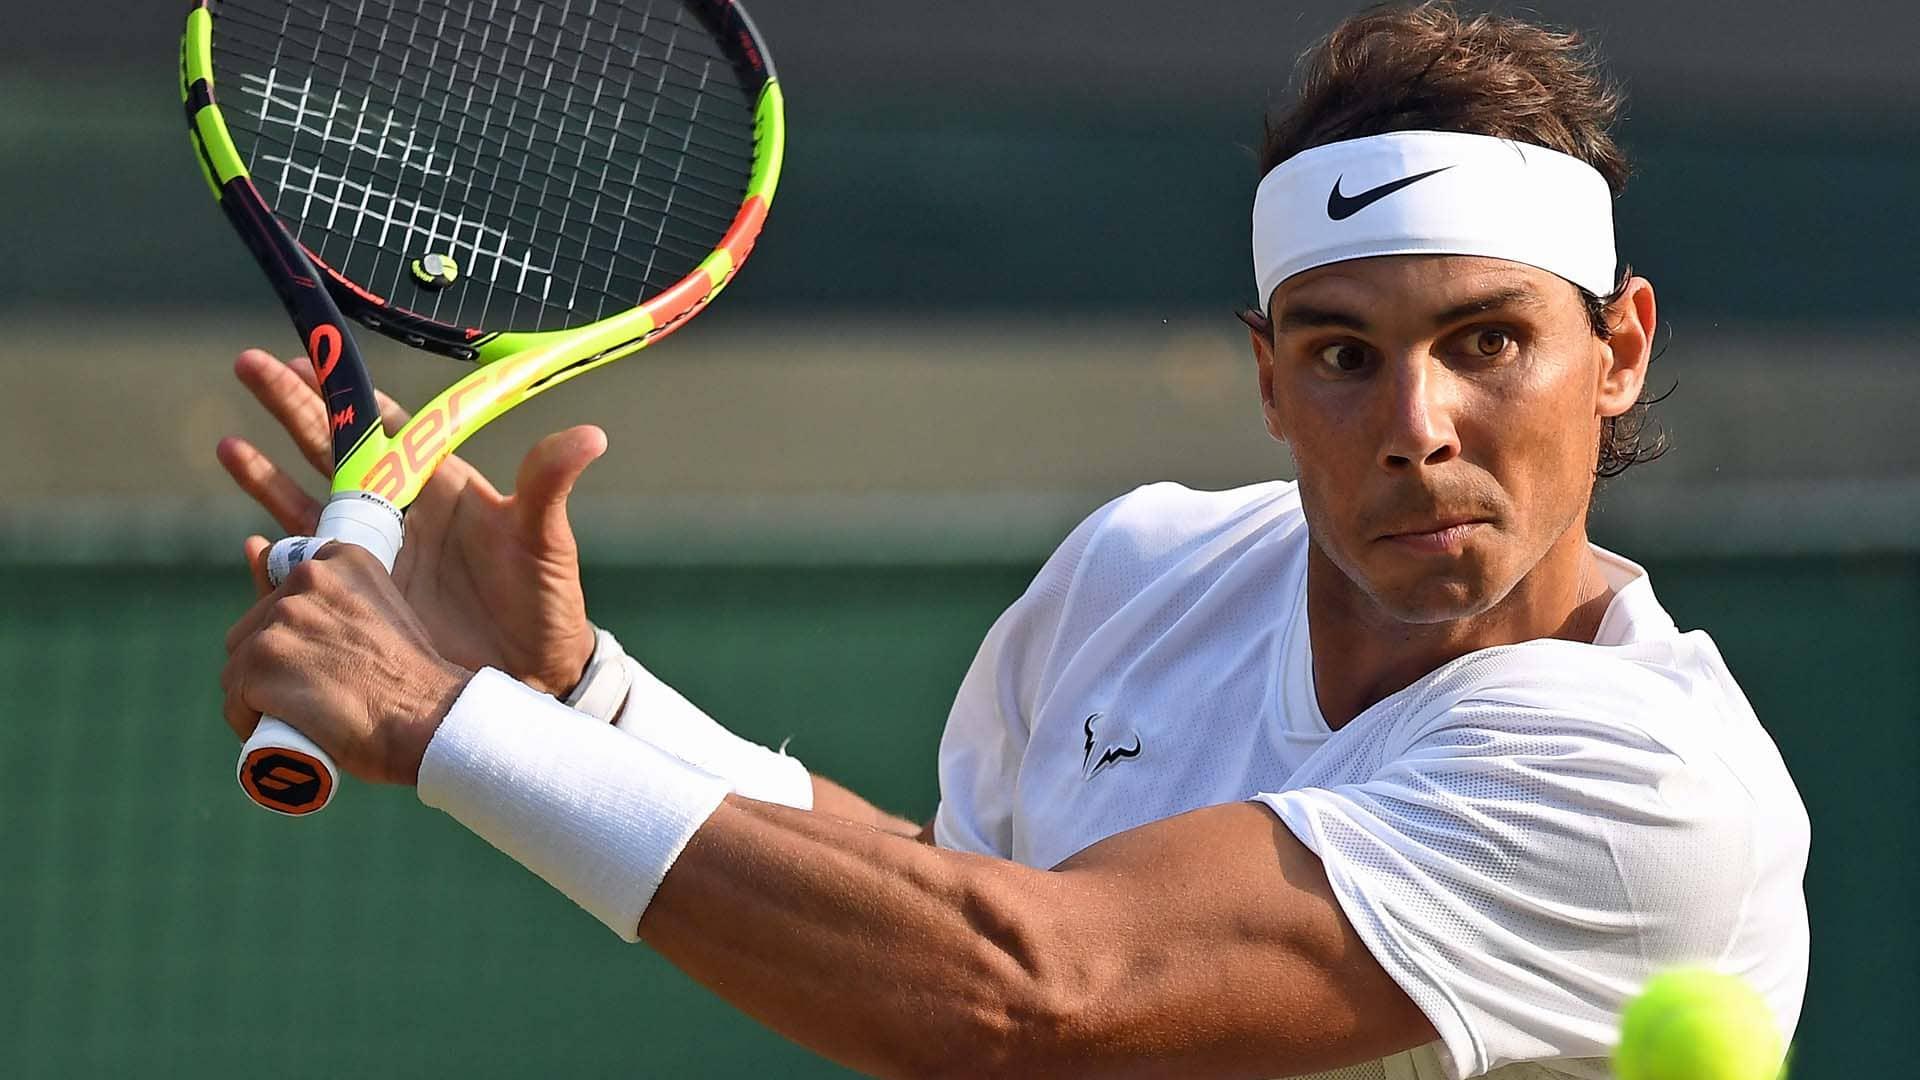 Nadal dồn sức tìm kiếm danh hiệu Grand Slam thứ 21 tại Mỹ Mở rộng. Ảnh: ATP